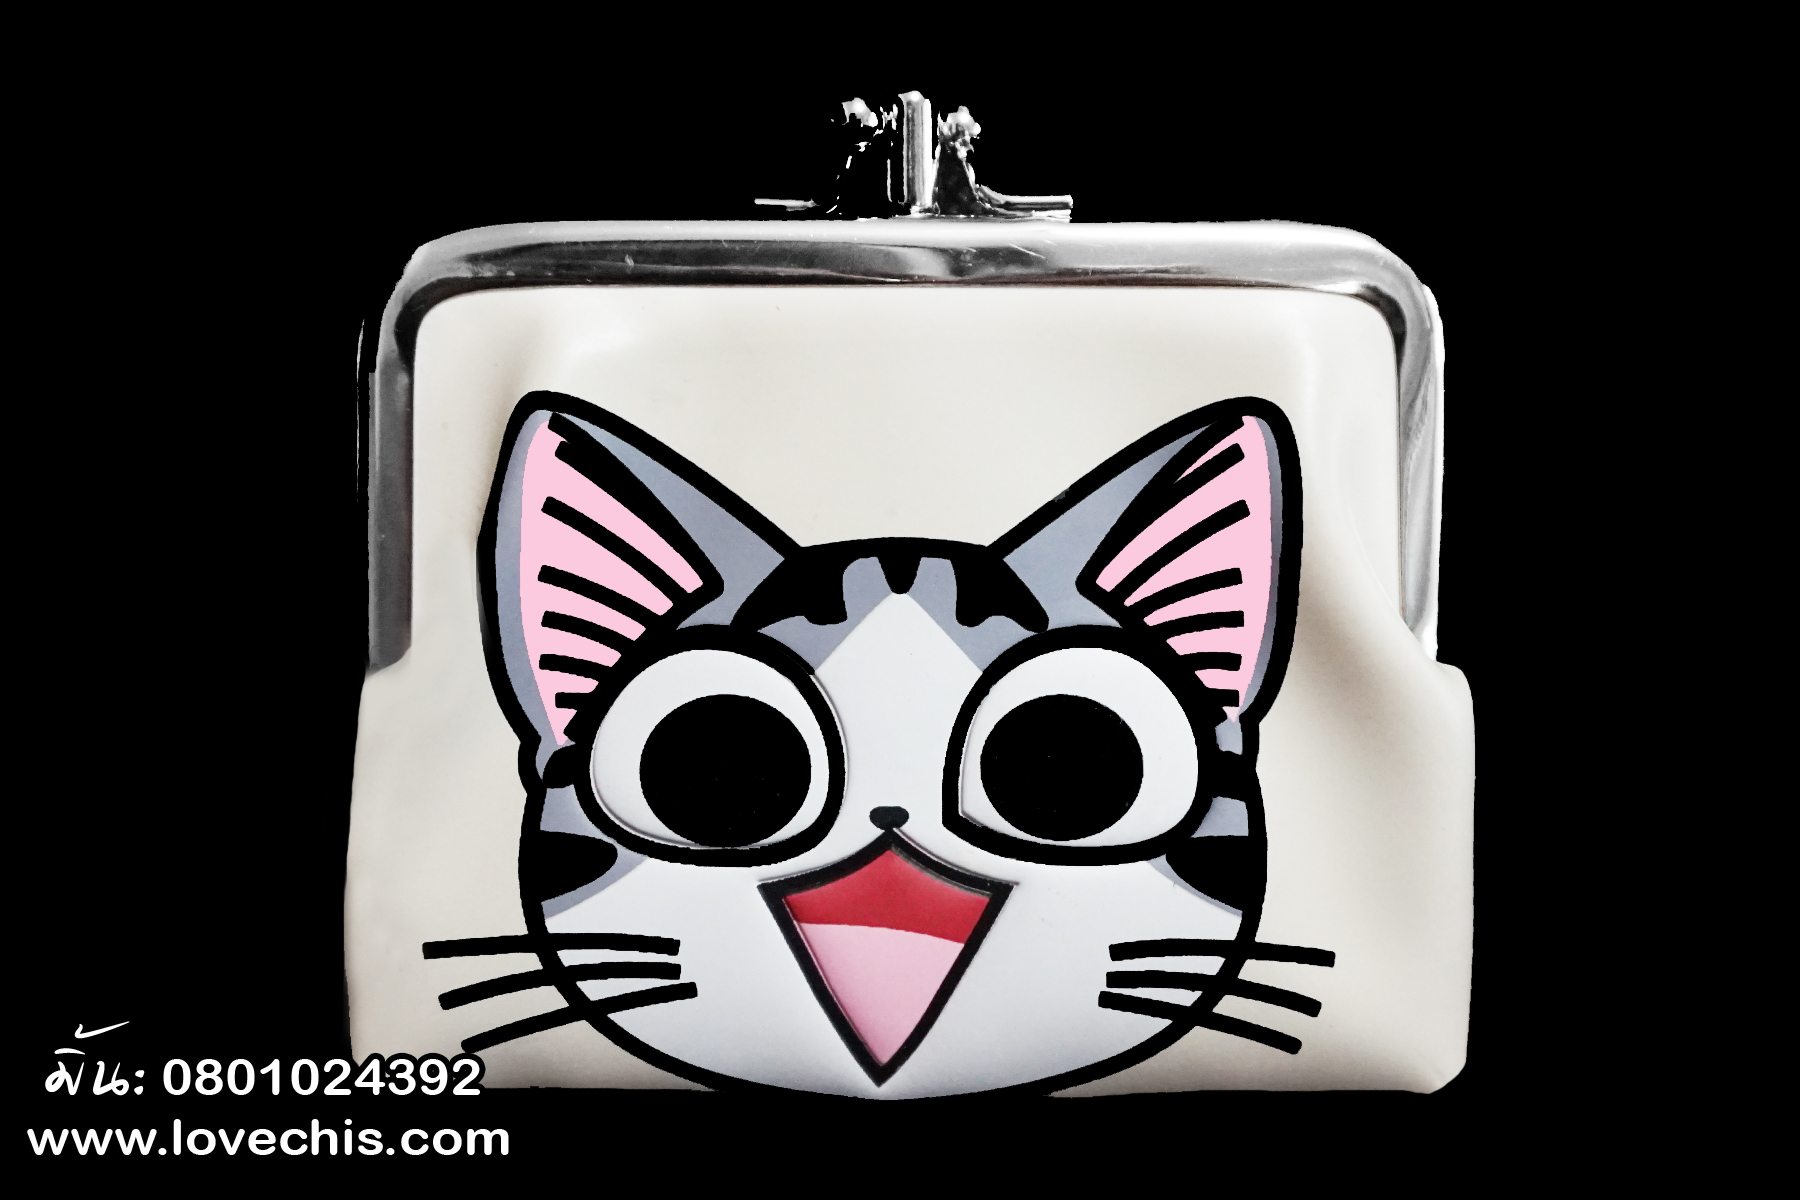 กระเป๋าเหรียญแมวจี้ เป๊าะแป๊ะ